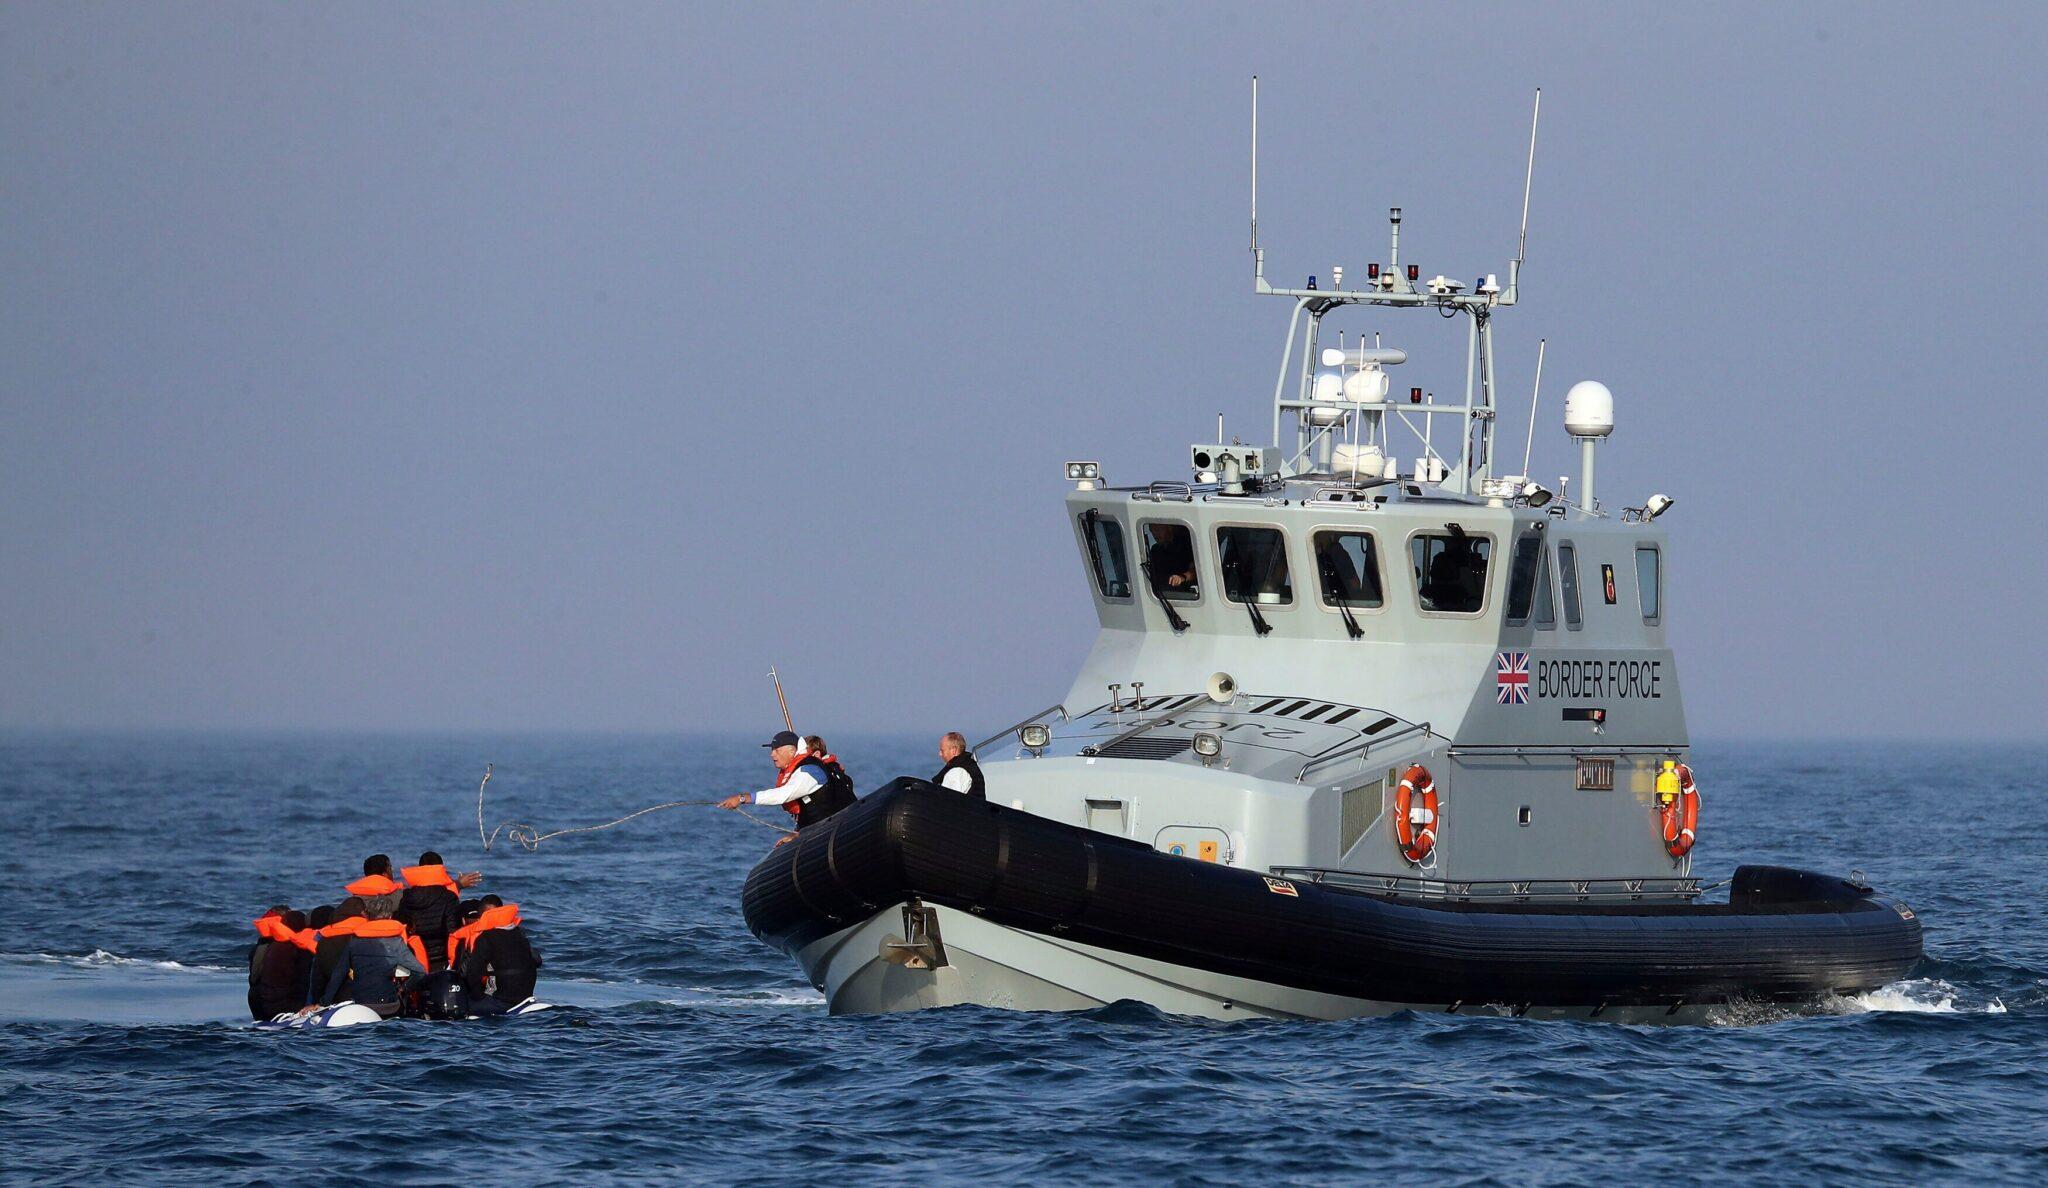 Che crudeltà caricare sui gommoni bimbi inermi! Succede nel Mediterraneo e pure nella Manica.<br> In Inghilterra aumentano gli sbarchi clandestini.<br> Genitori irresponsabili, ma guai a farlo notare